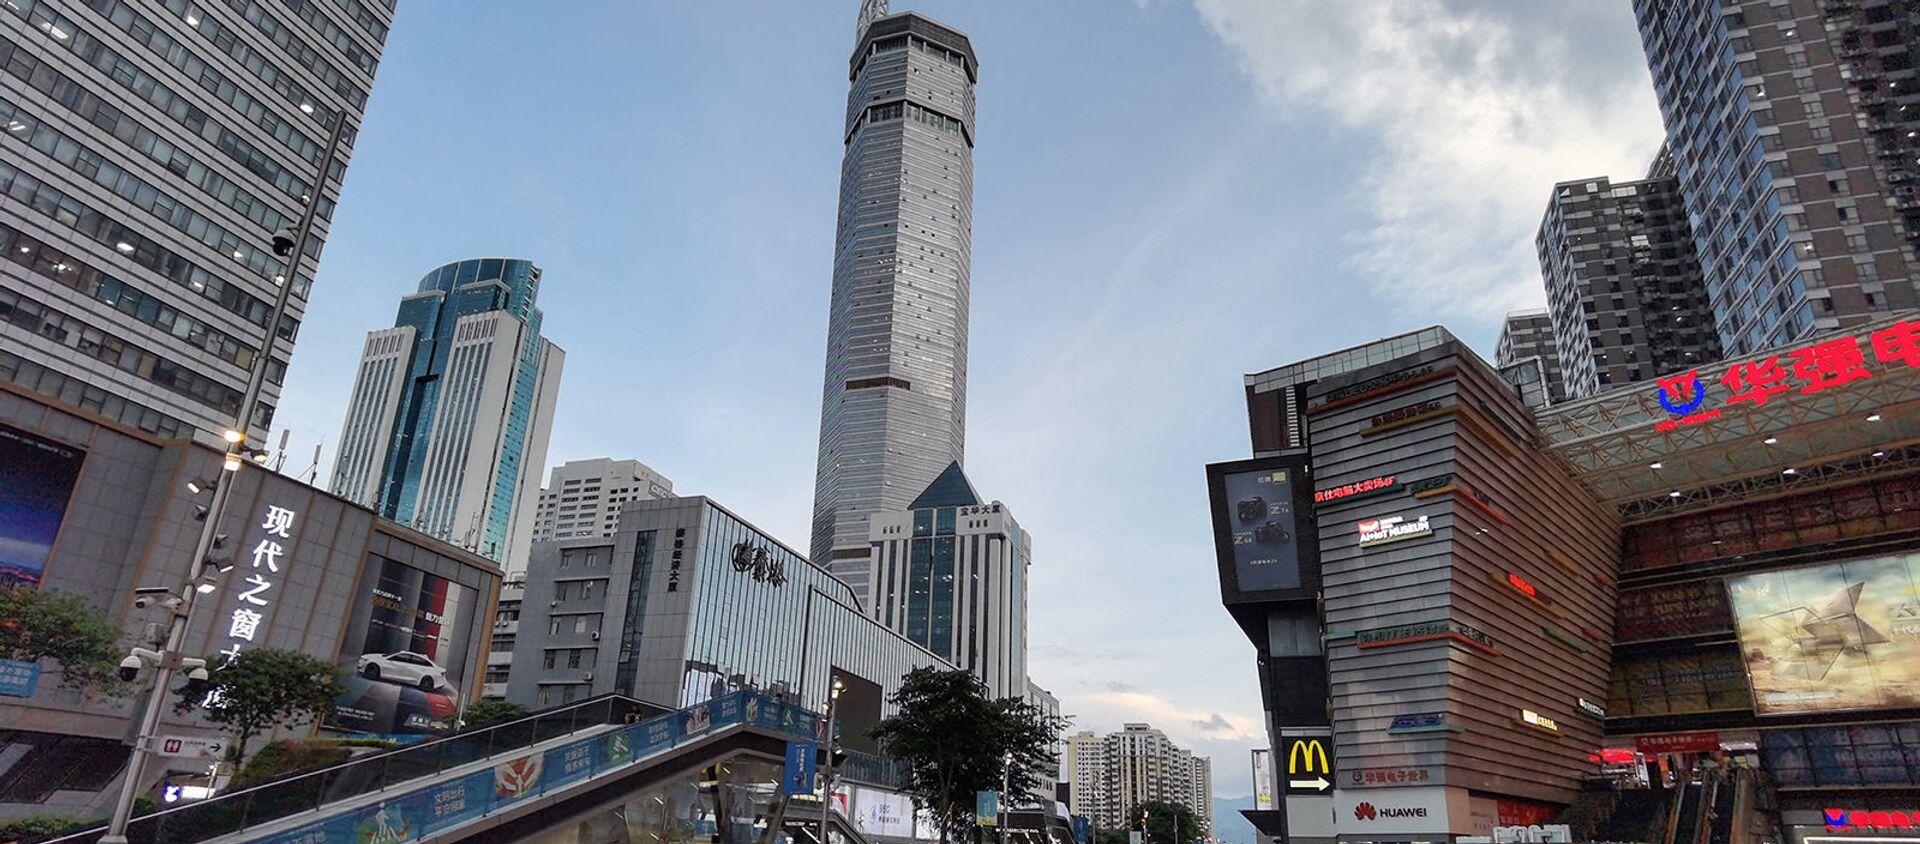 300-метровая площадь SEG Plaza (в центре) в Шэньчжэне, Китай - Sputnik Արմենիա, 1920, 18.05.2021